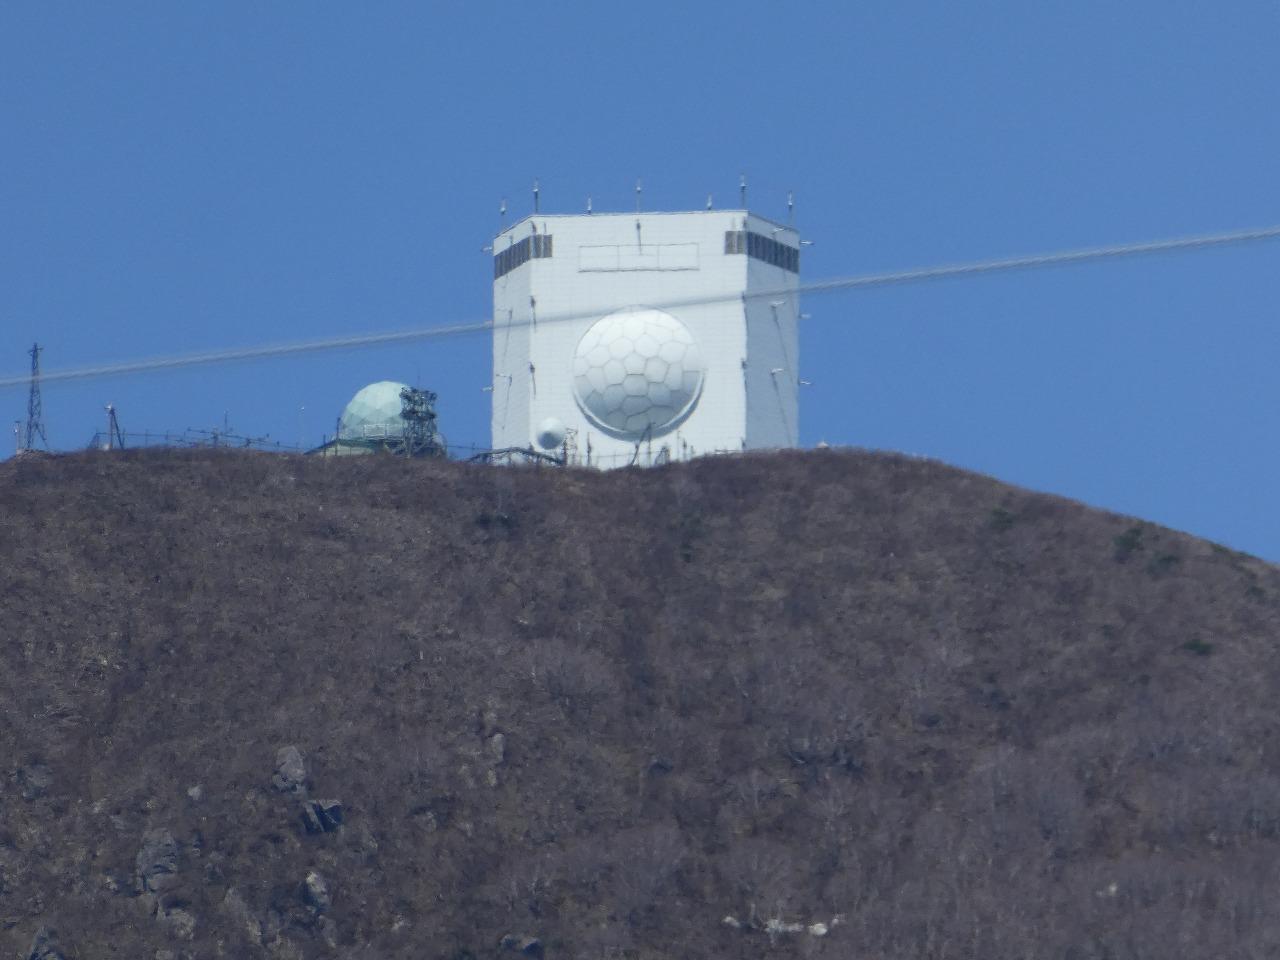 大湊分屯基地のガメラレーダー